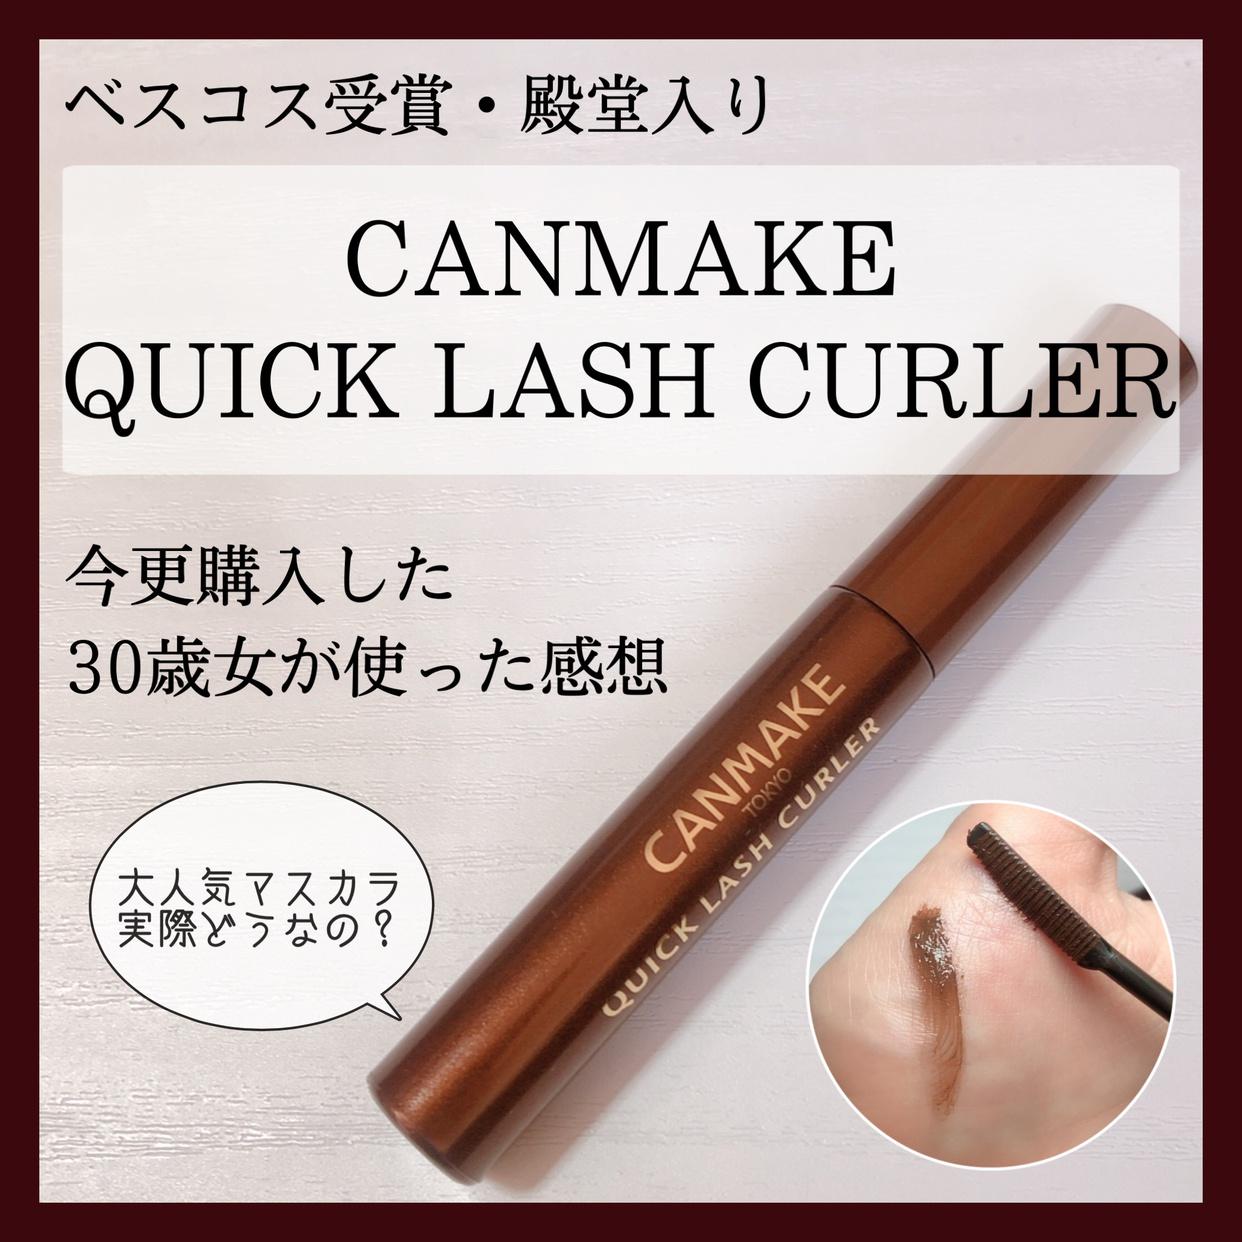 CANMAKE(キャンメイク) クイックラッシュカーラーに関するsachikoさんの口コミ画像1